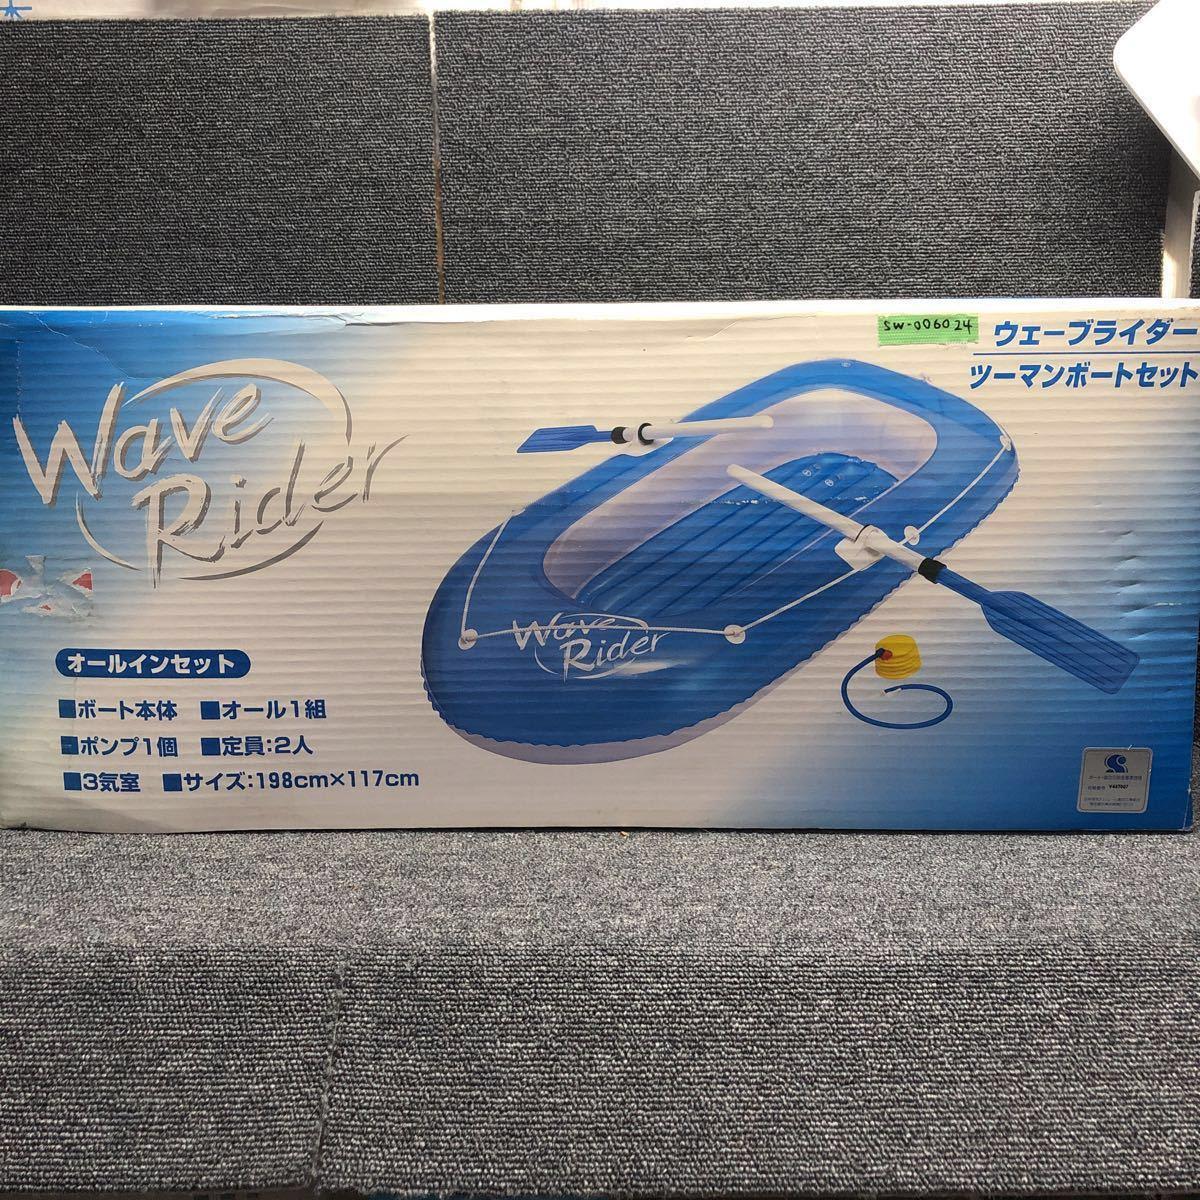 SW-006024 ウェーブライダー ツーマン ボート セット ゴムボート 水遊び プール 海 新品 未使用品